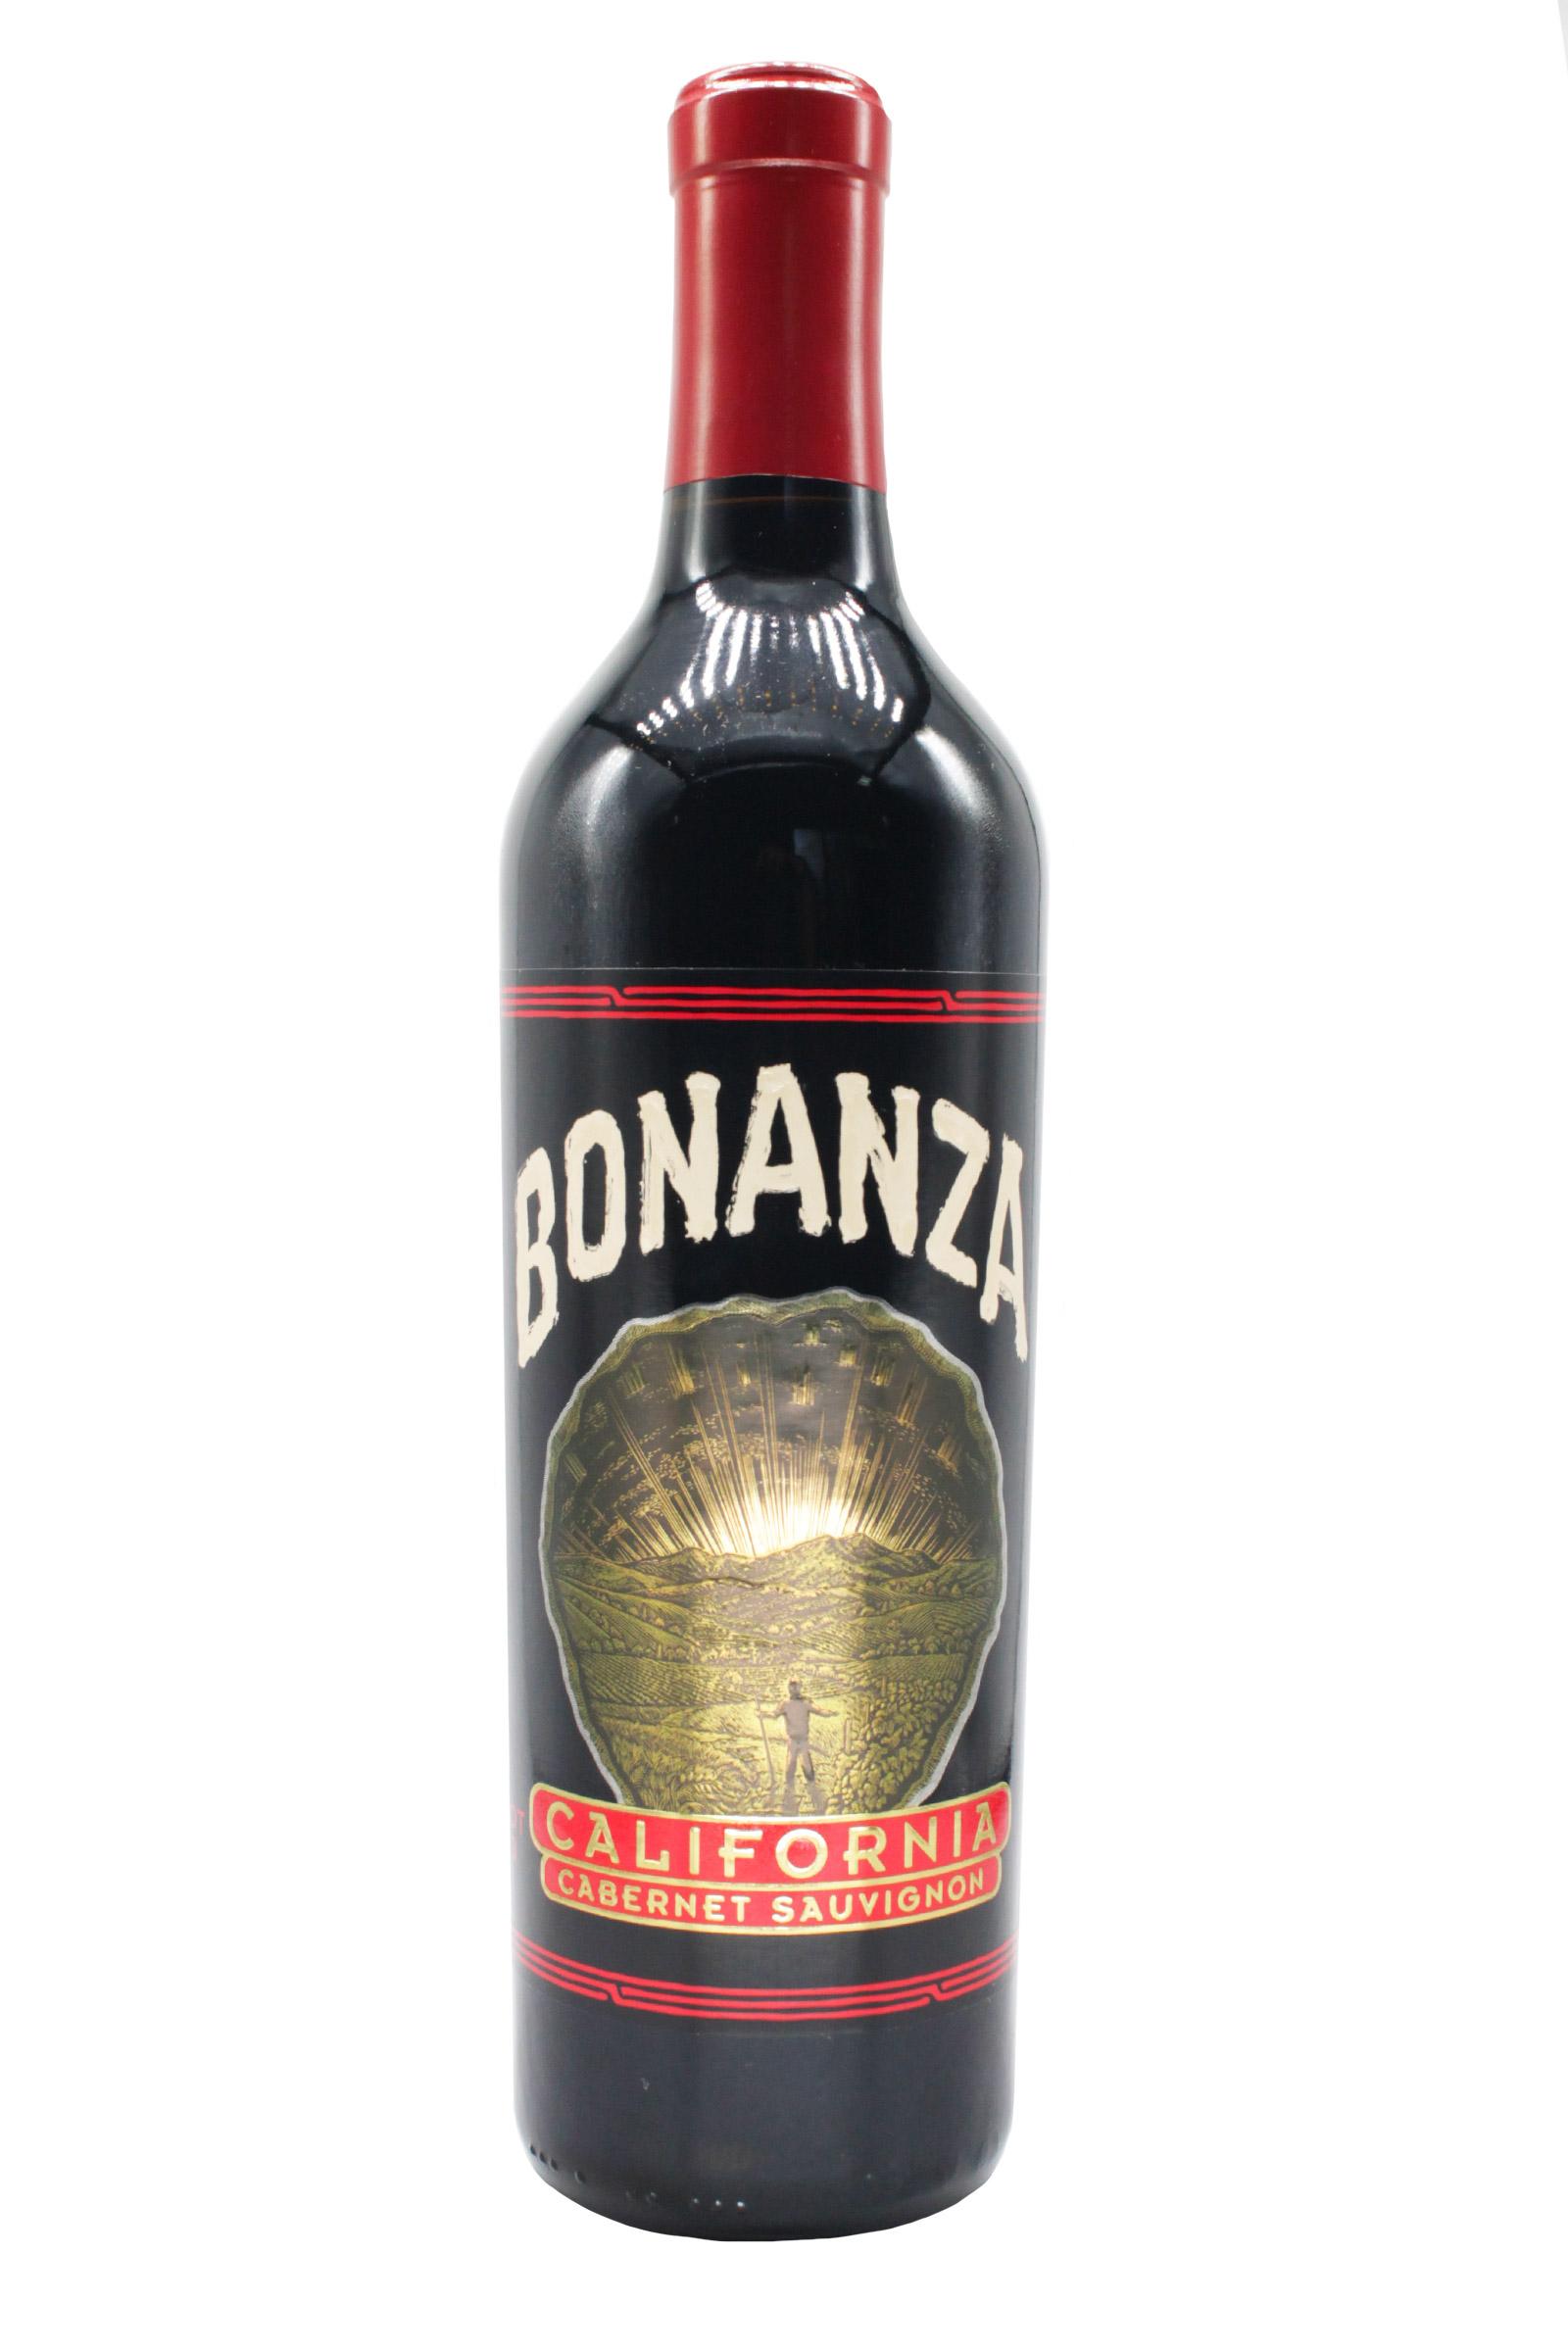 Vino Bonanza California Cabernet Sauvignon 750ml